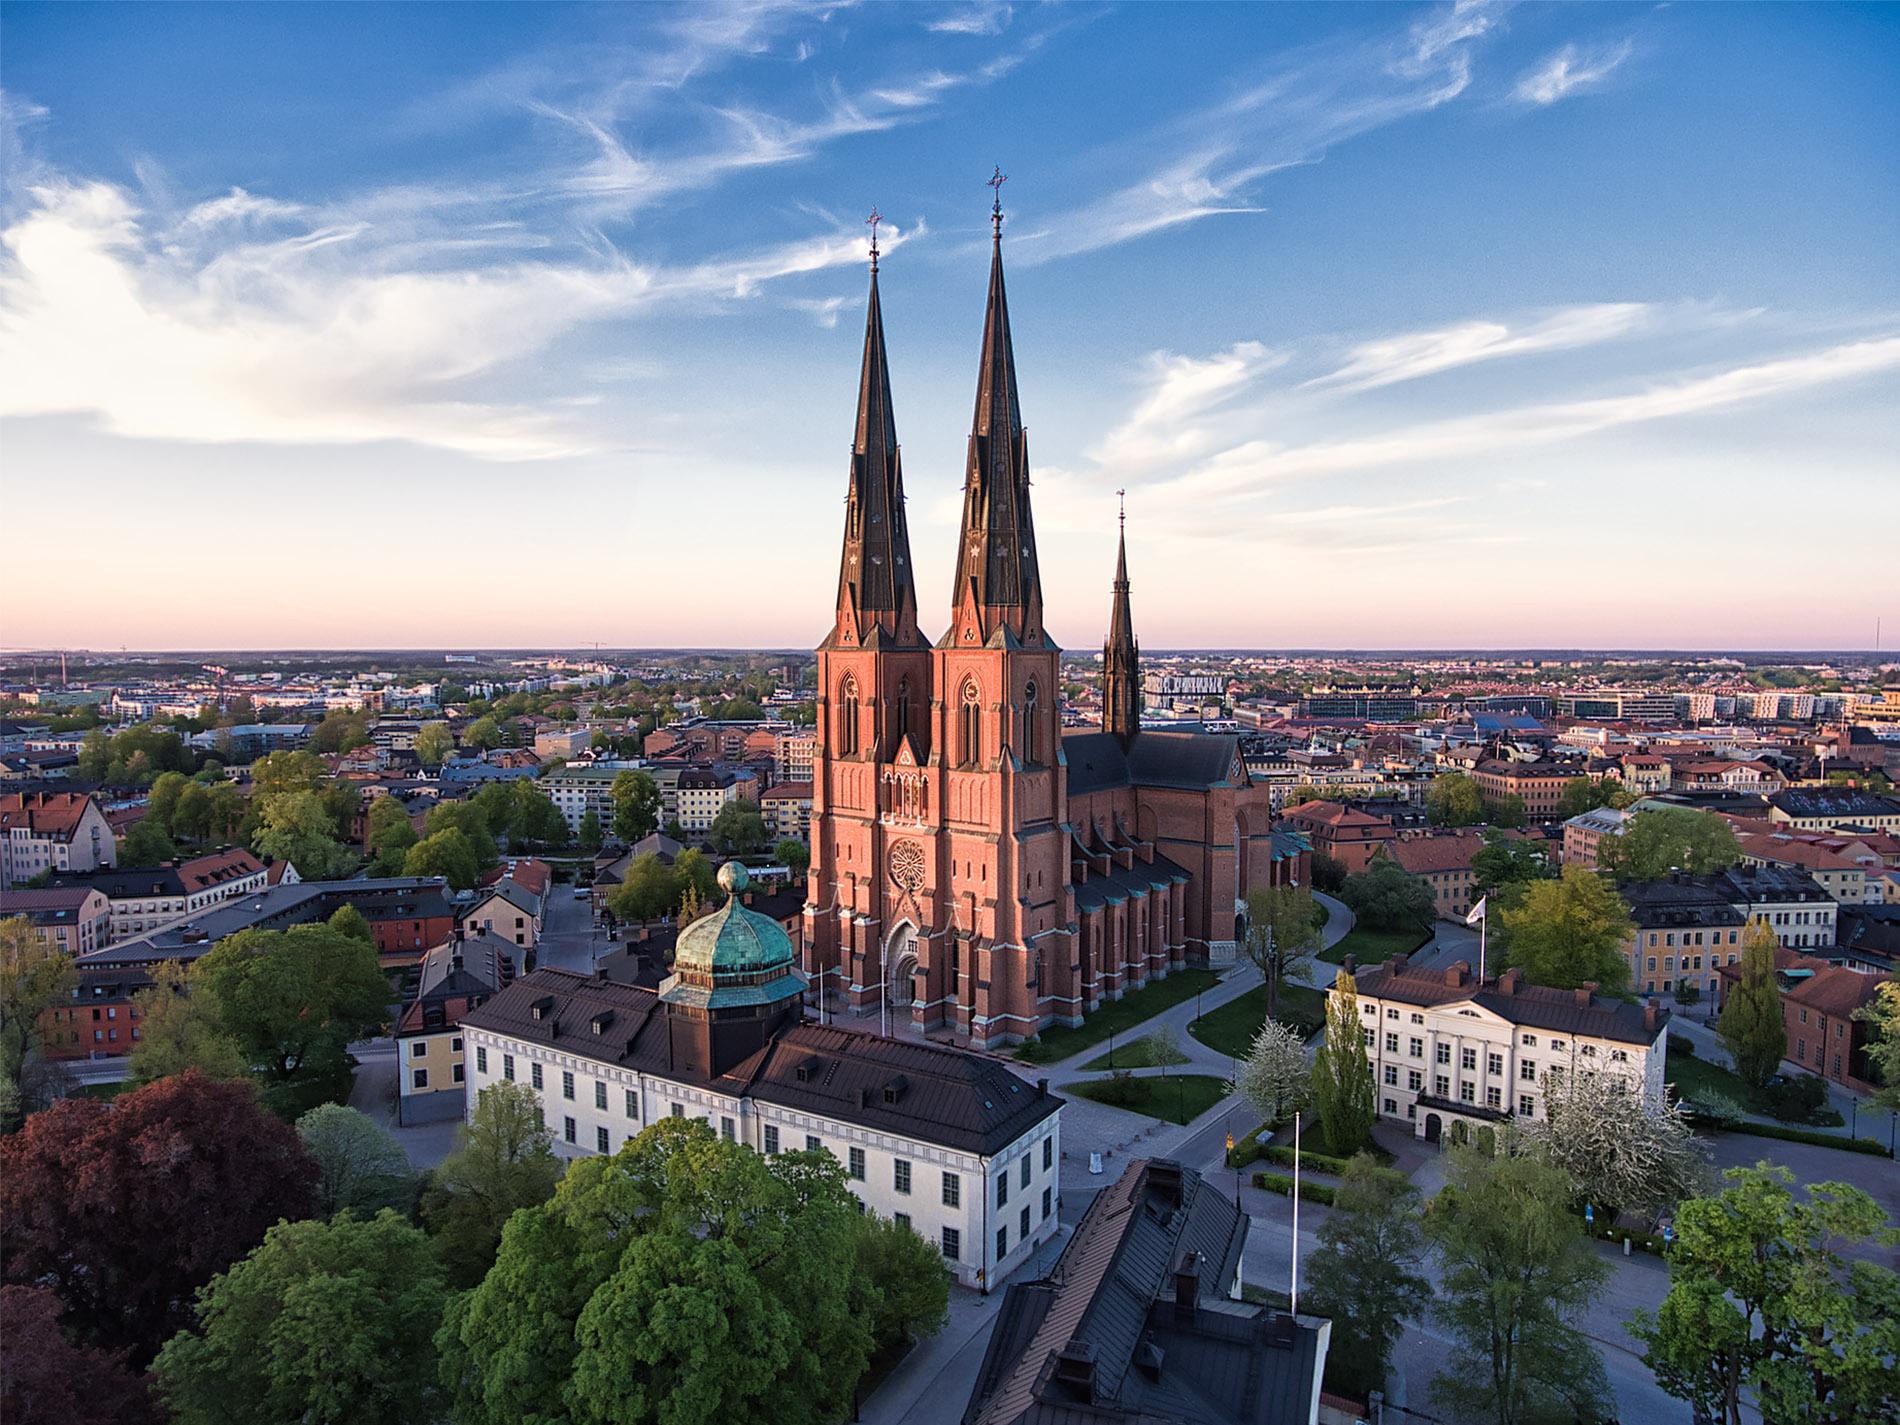 Vacker sommarkväll i Uppsala med domkyrkan i centrum. Foto Mikael Wallerstedt